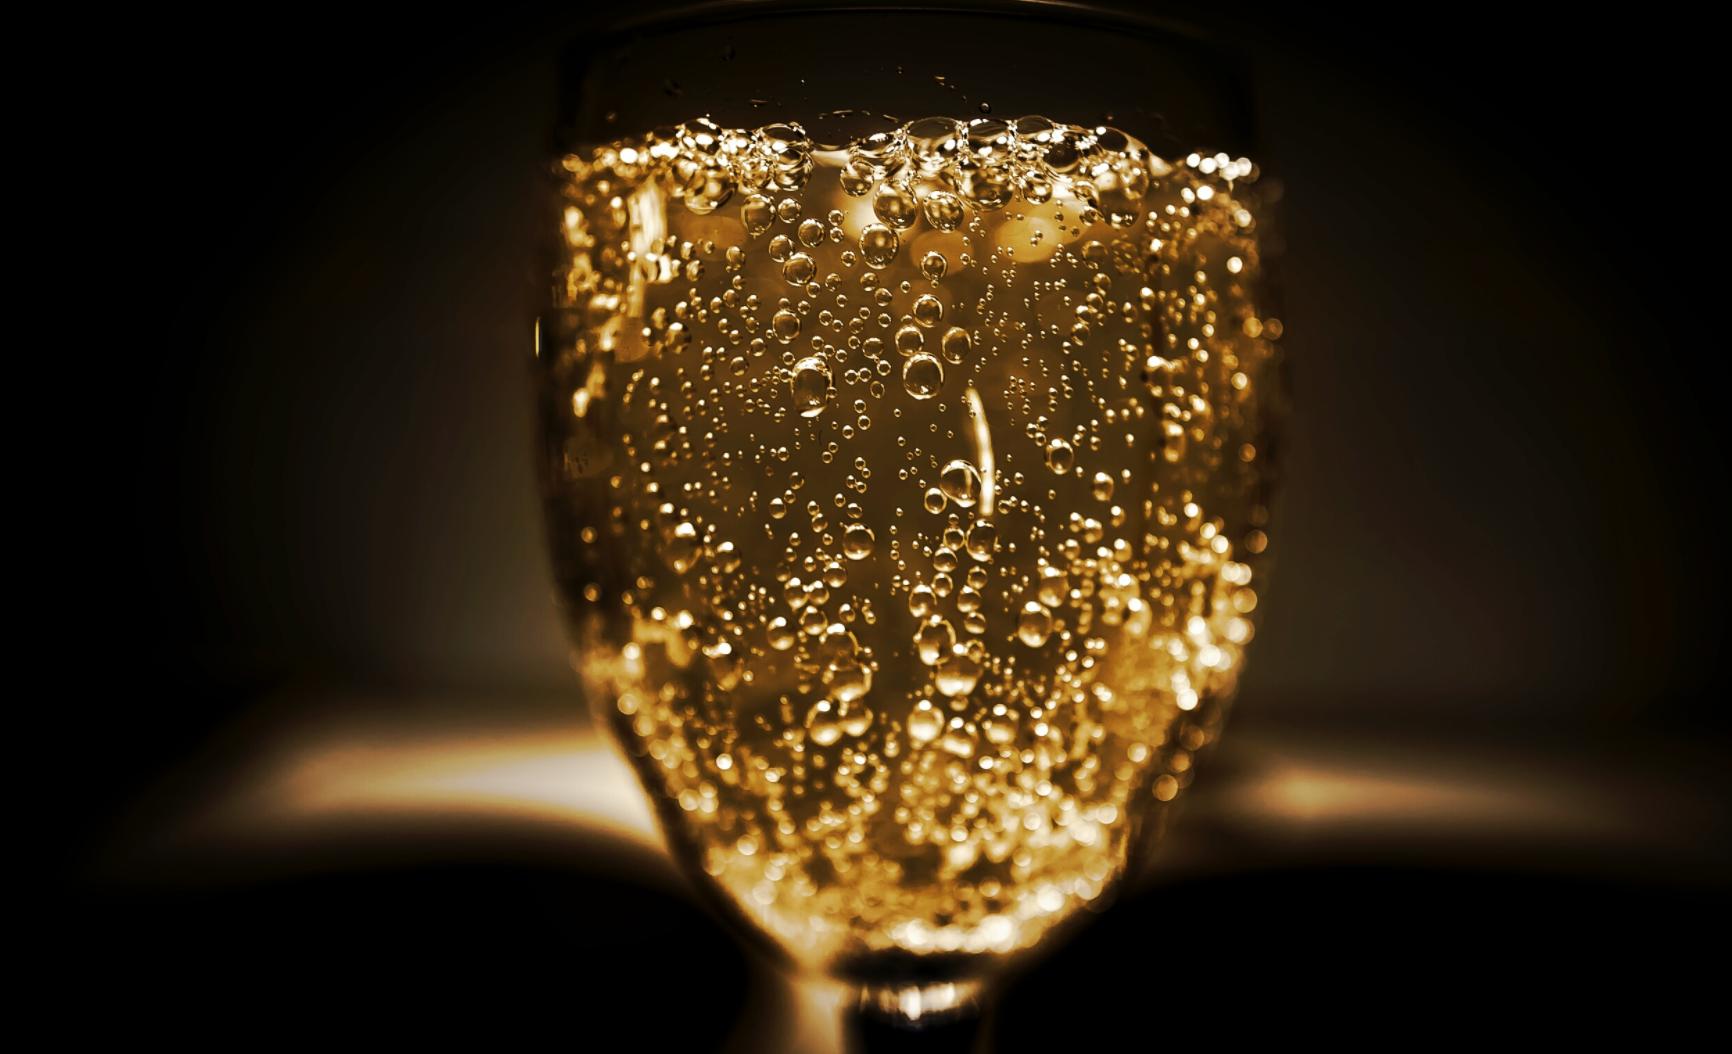 От алкоголя в умеренных количествах есть польза